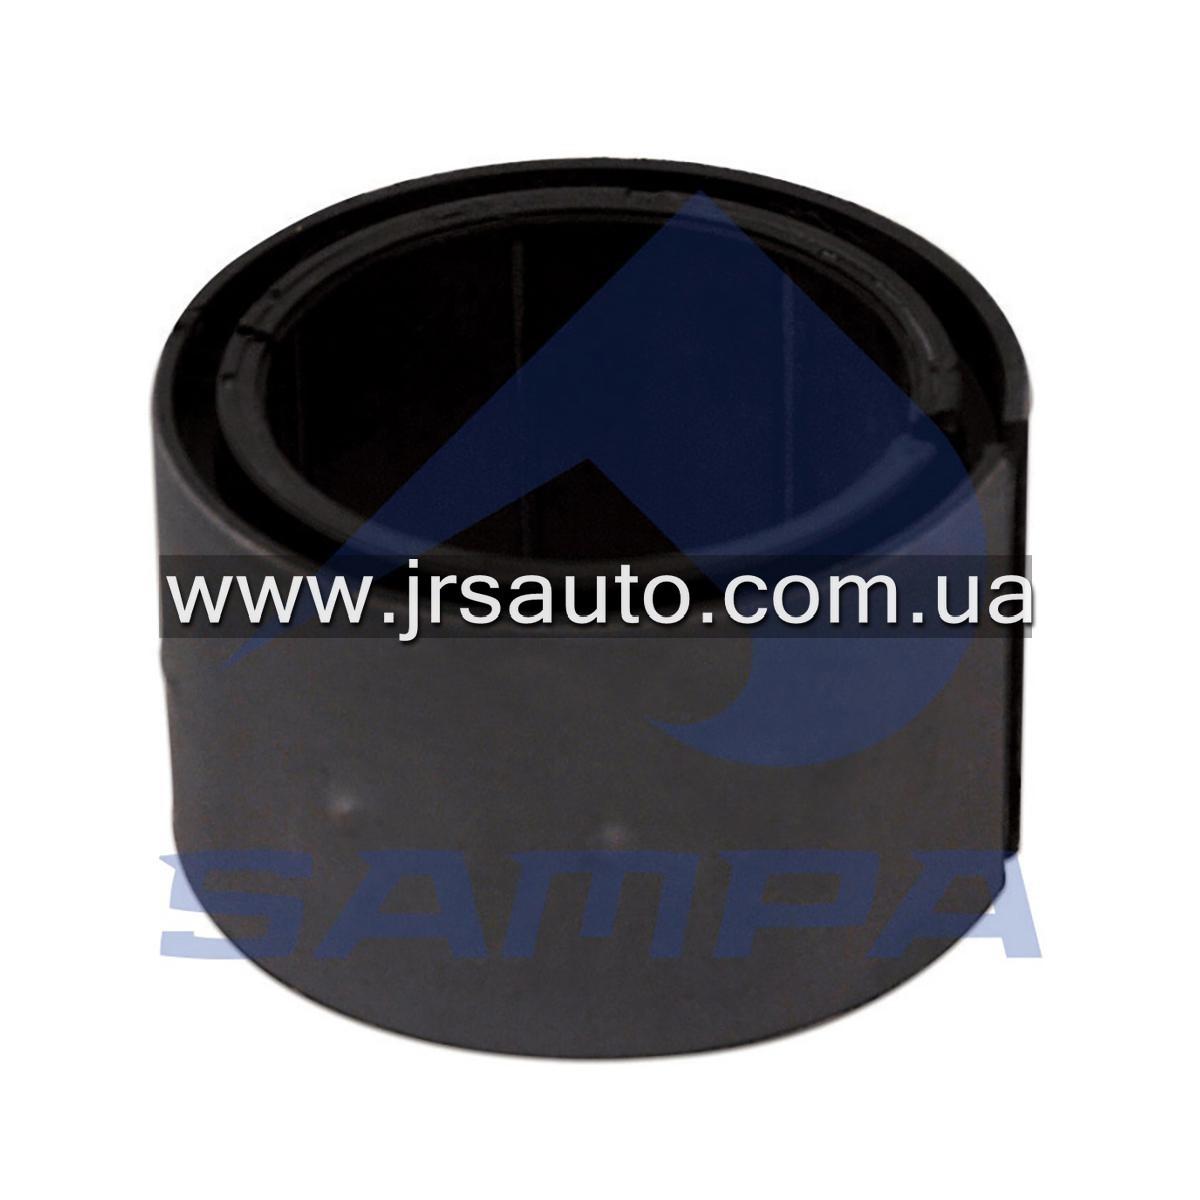 Втулка 110x82x66,5 стабилизатора Mercedes Actros,Atego \9413260050 \ 011.208